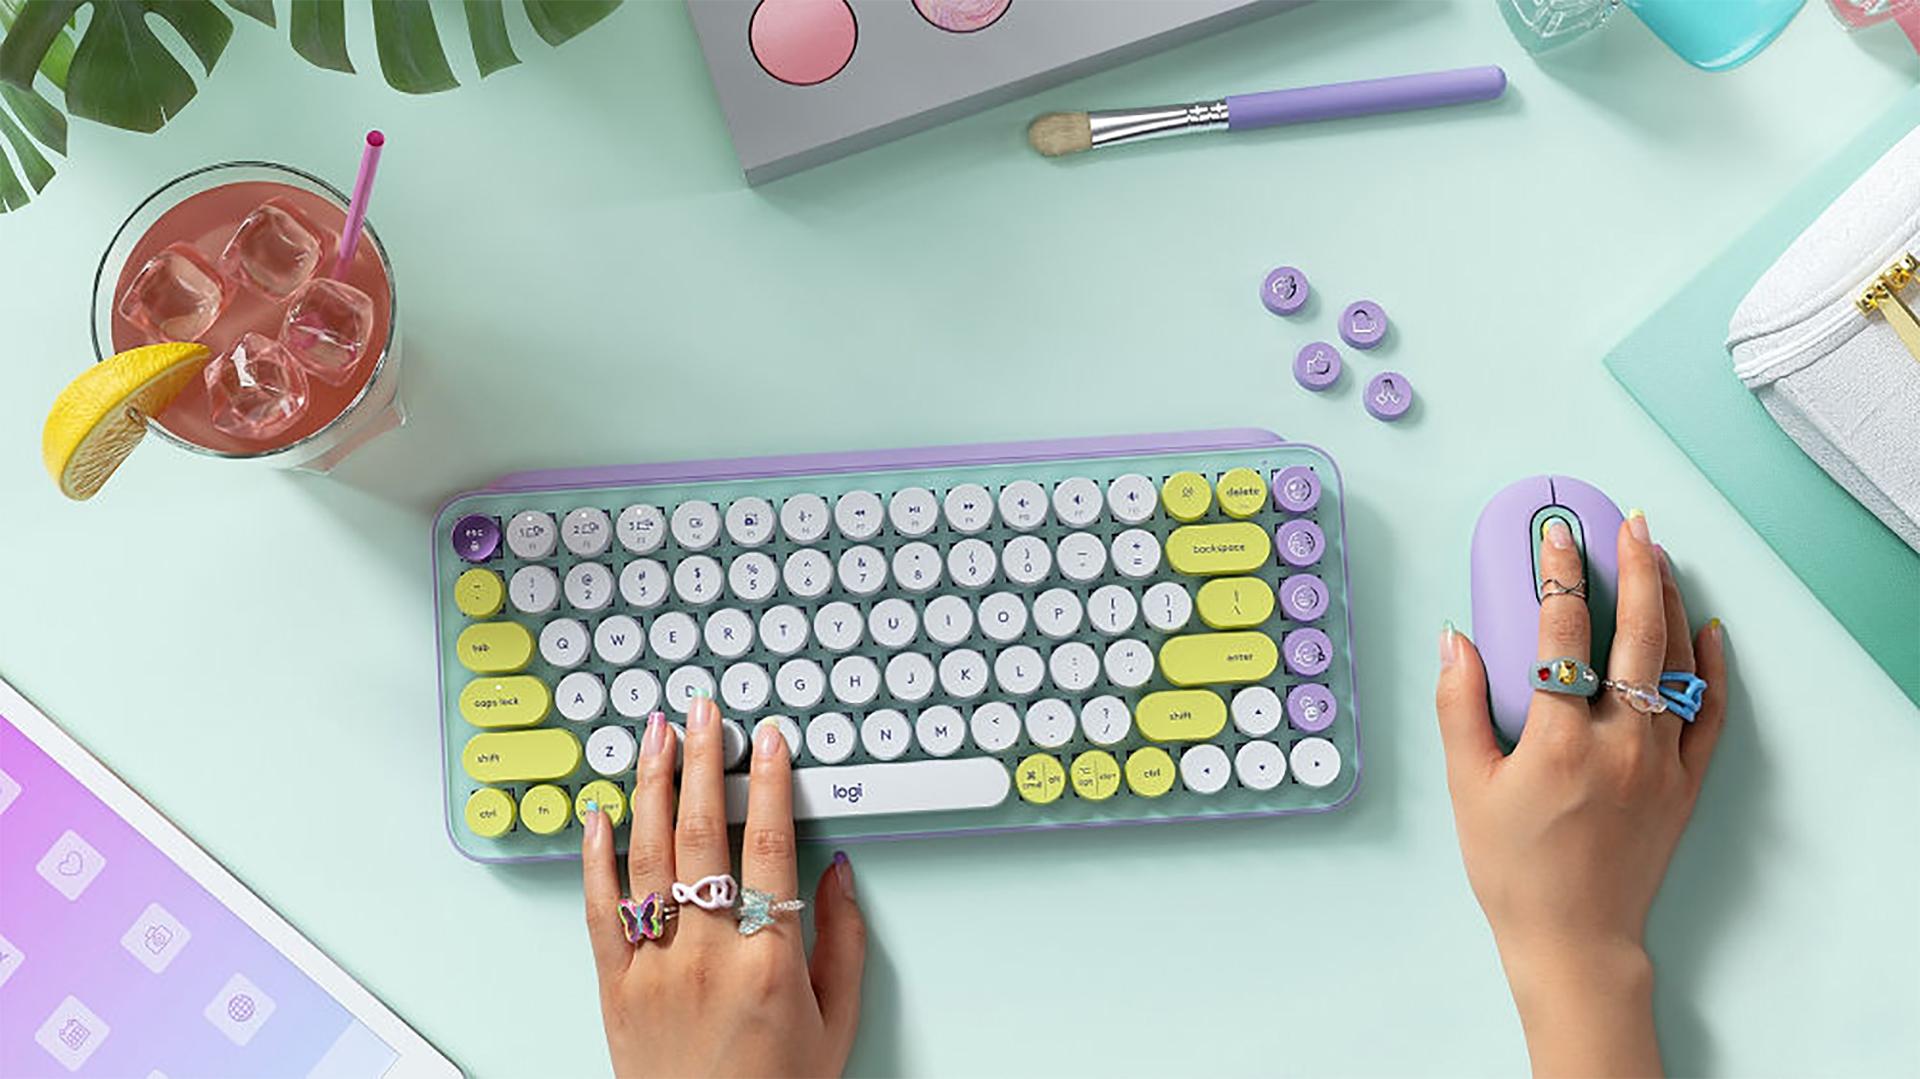 Logitech Pop Keys Emoji keyboard on a desk with a user resting their hand on the keys